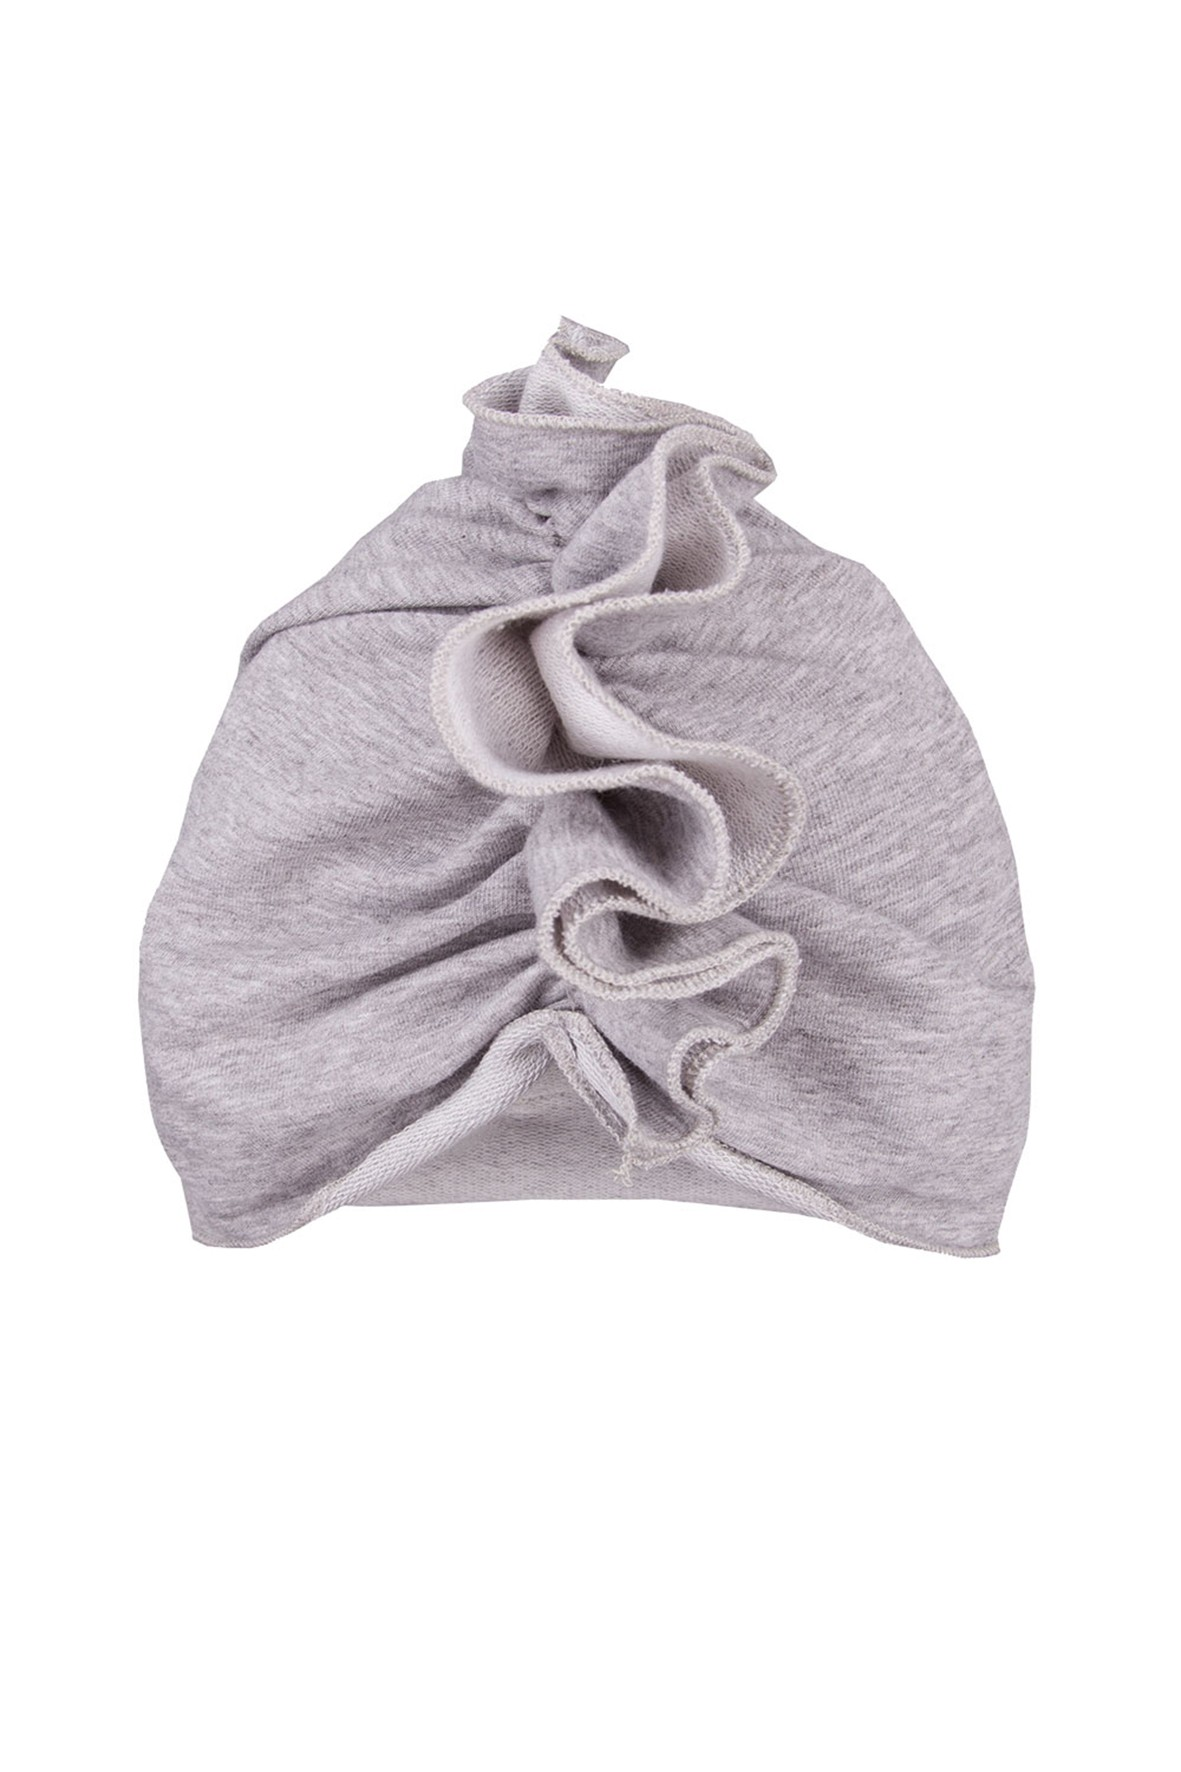 Bawełniany turban - szara czapka dla dziewczynki